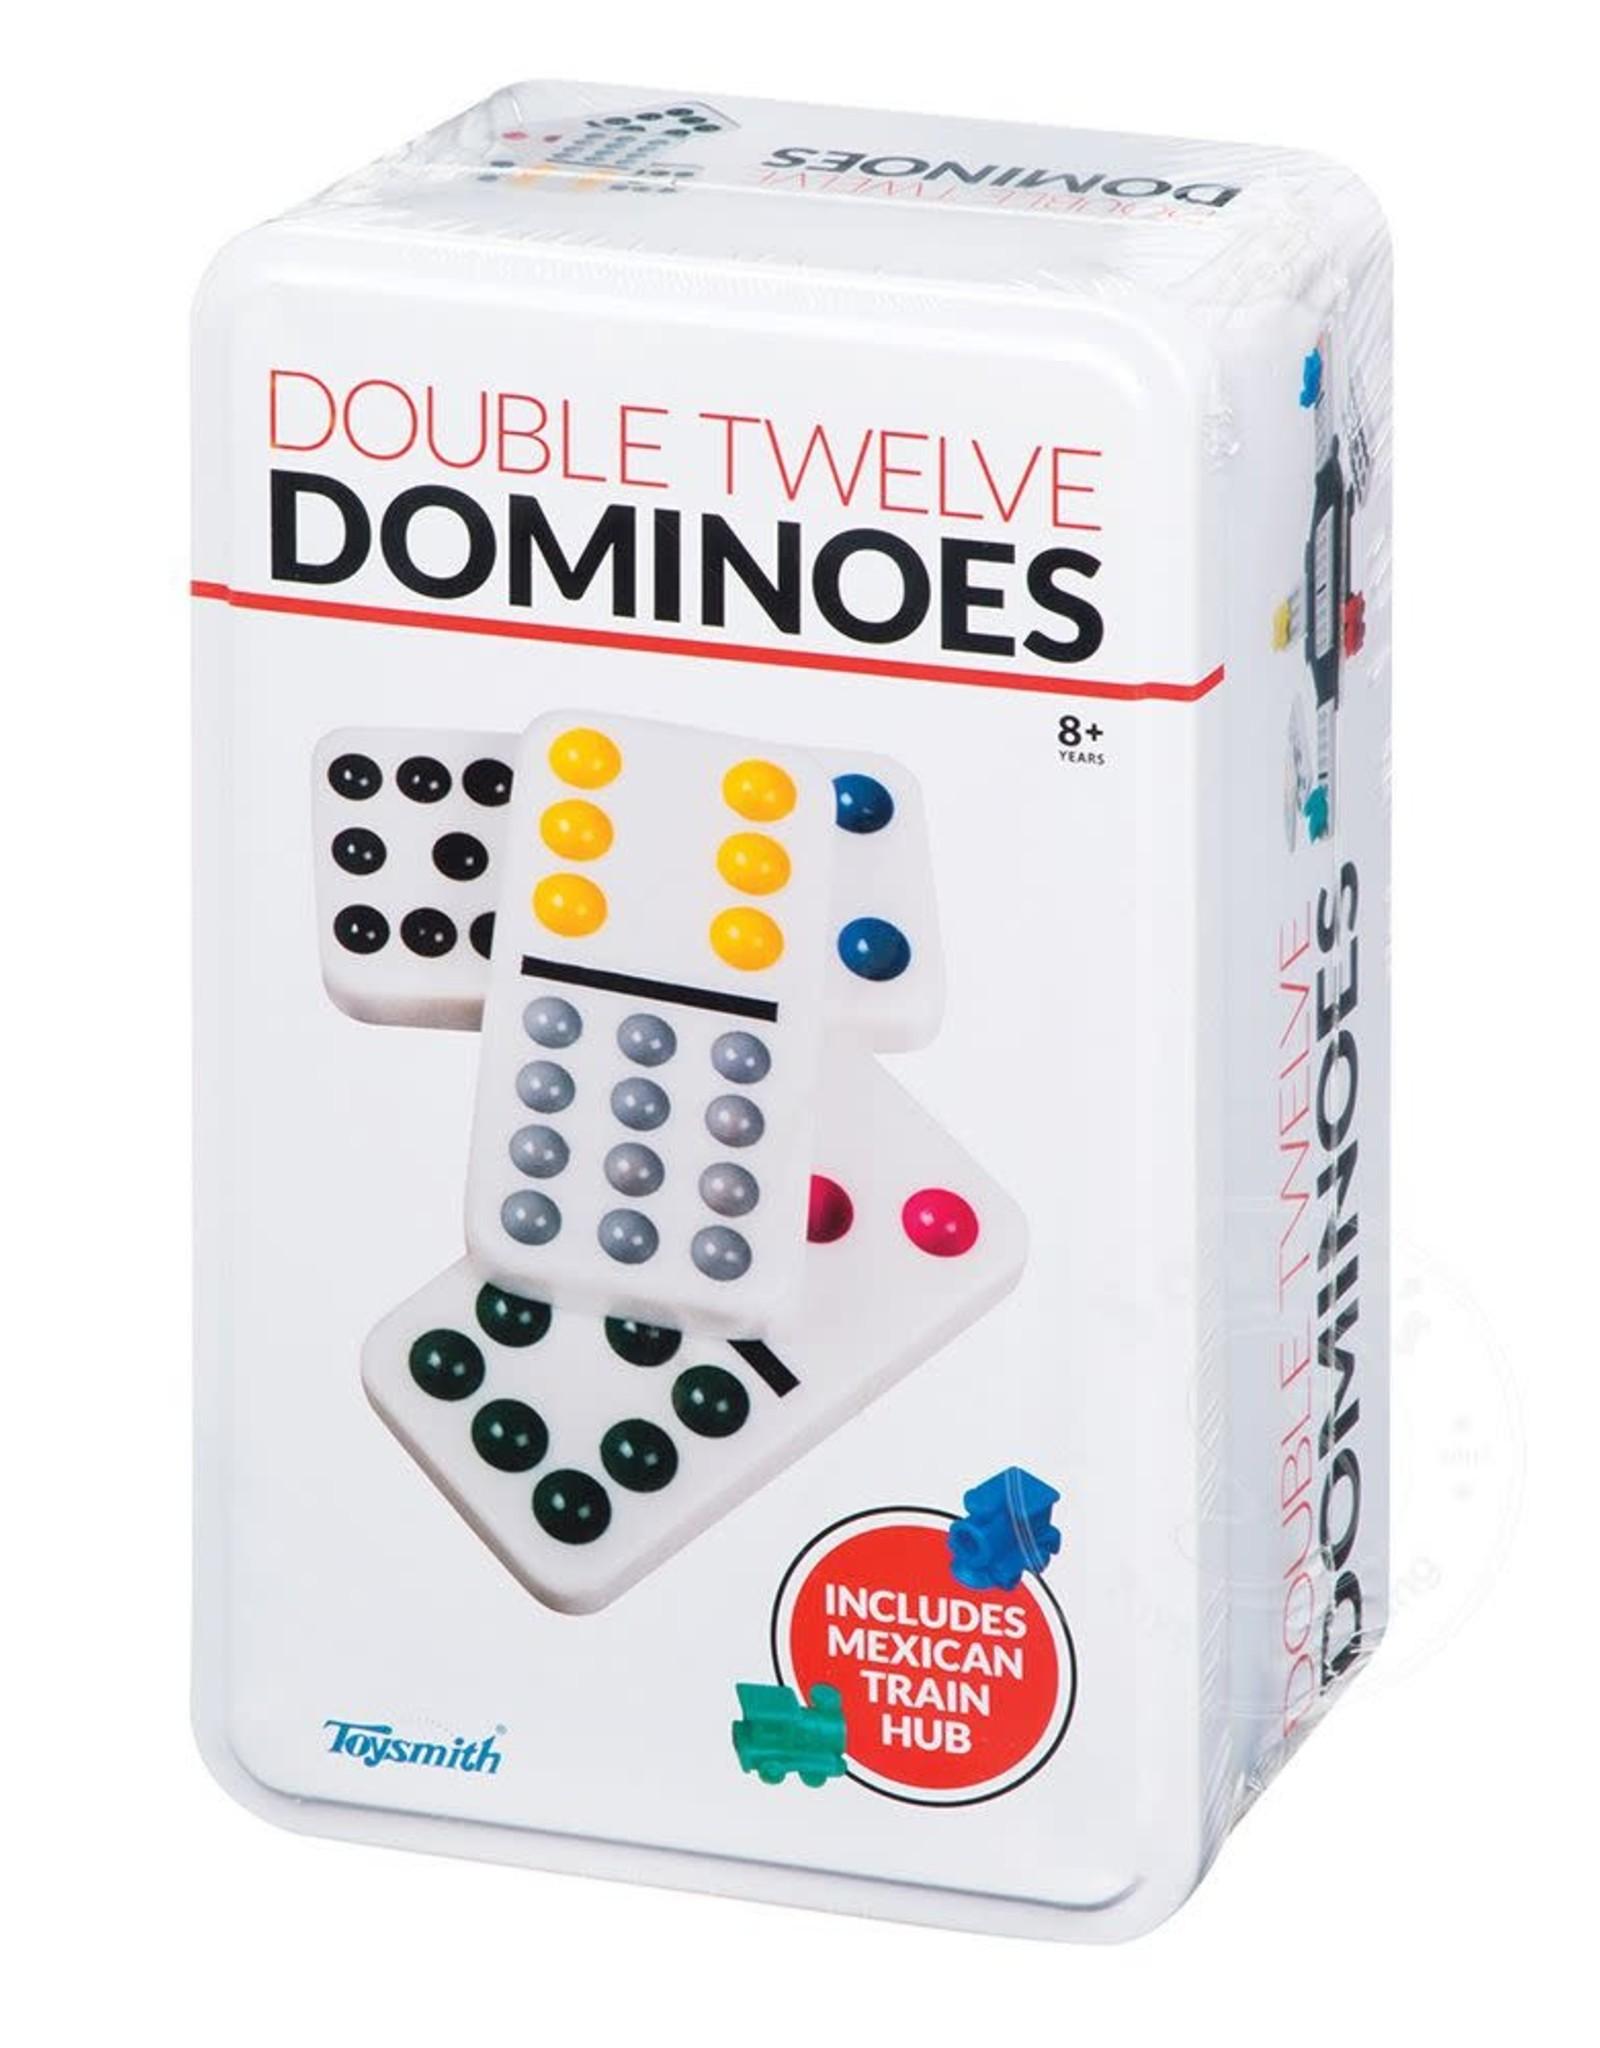 Toysmith Double 12 Dominoes